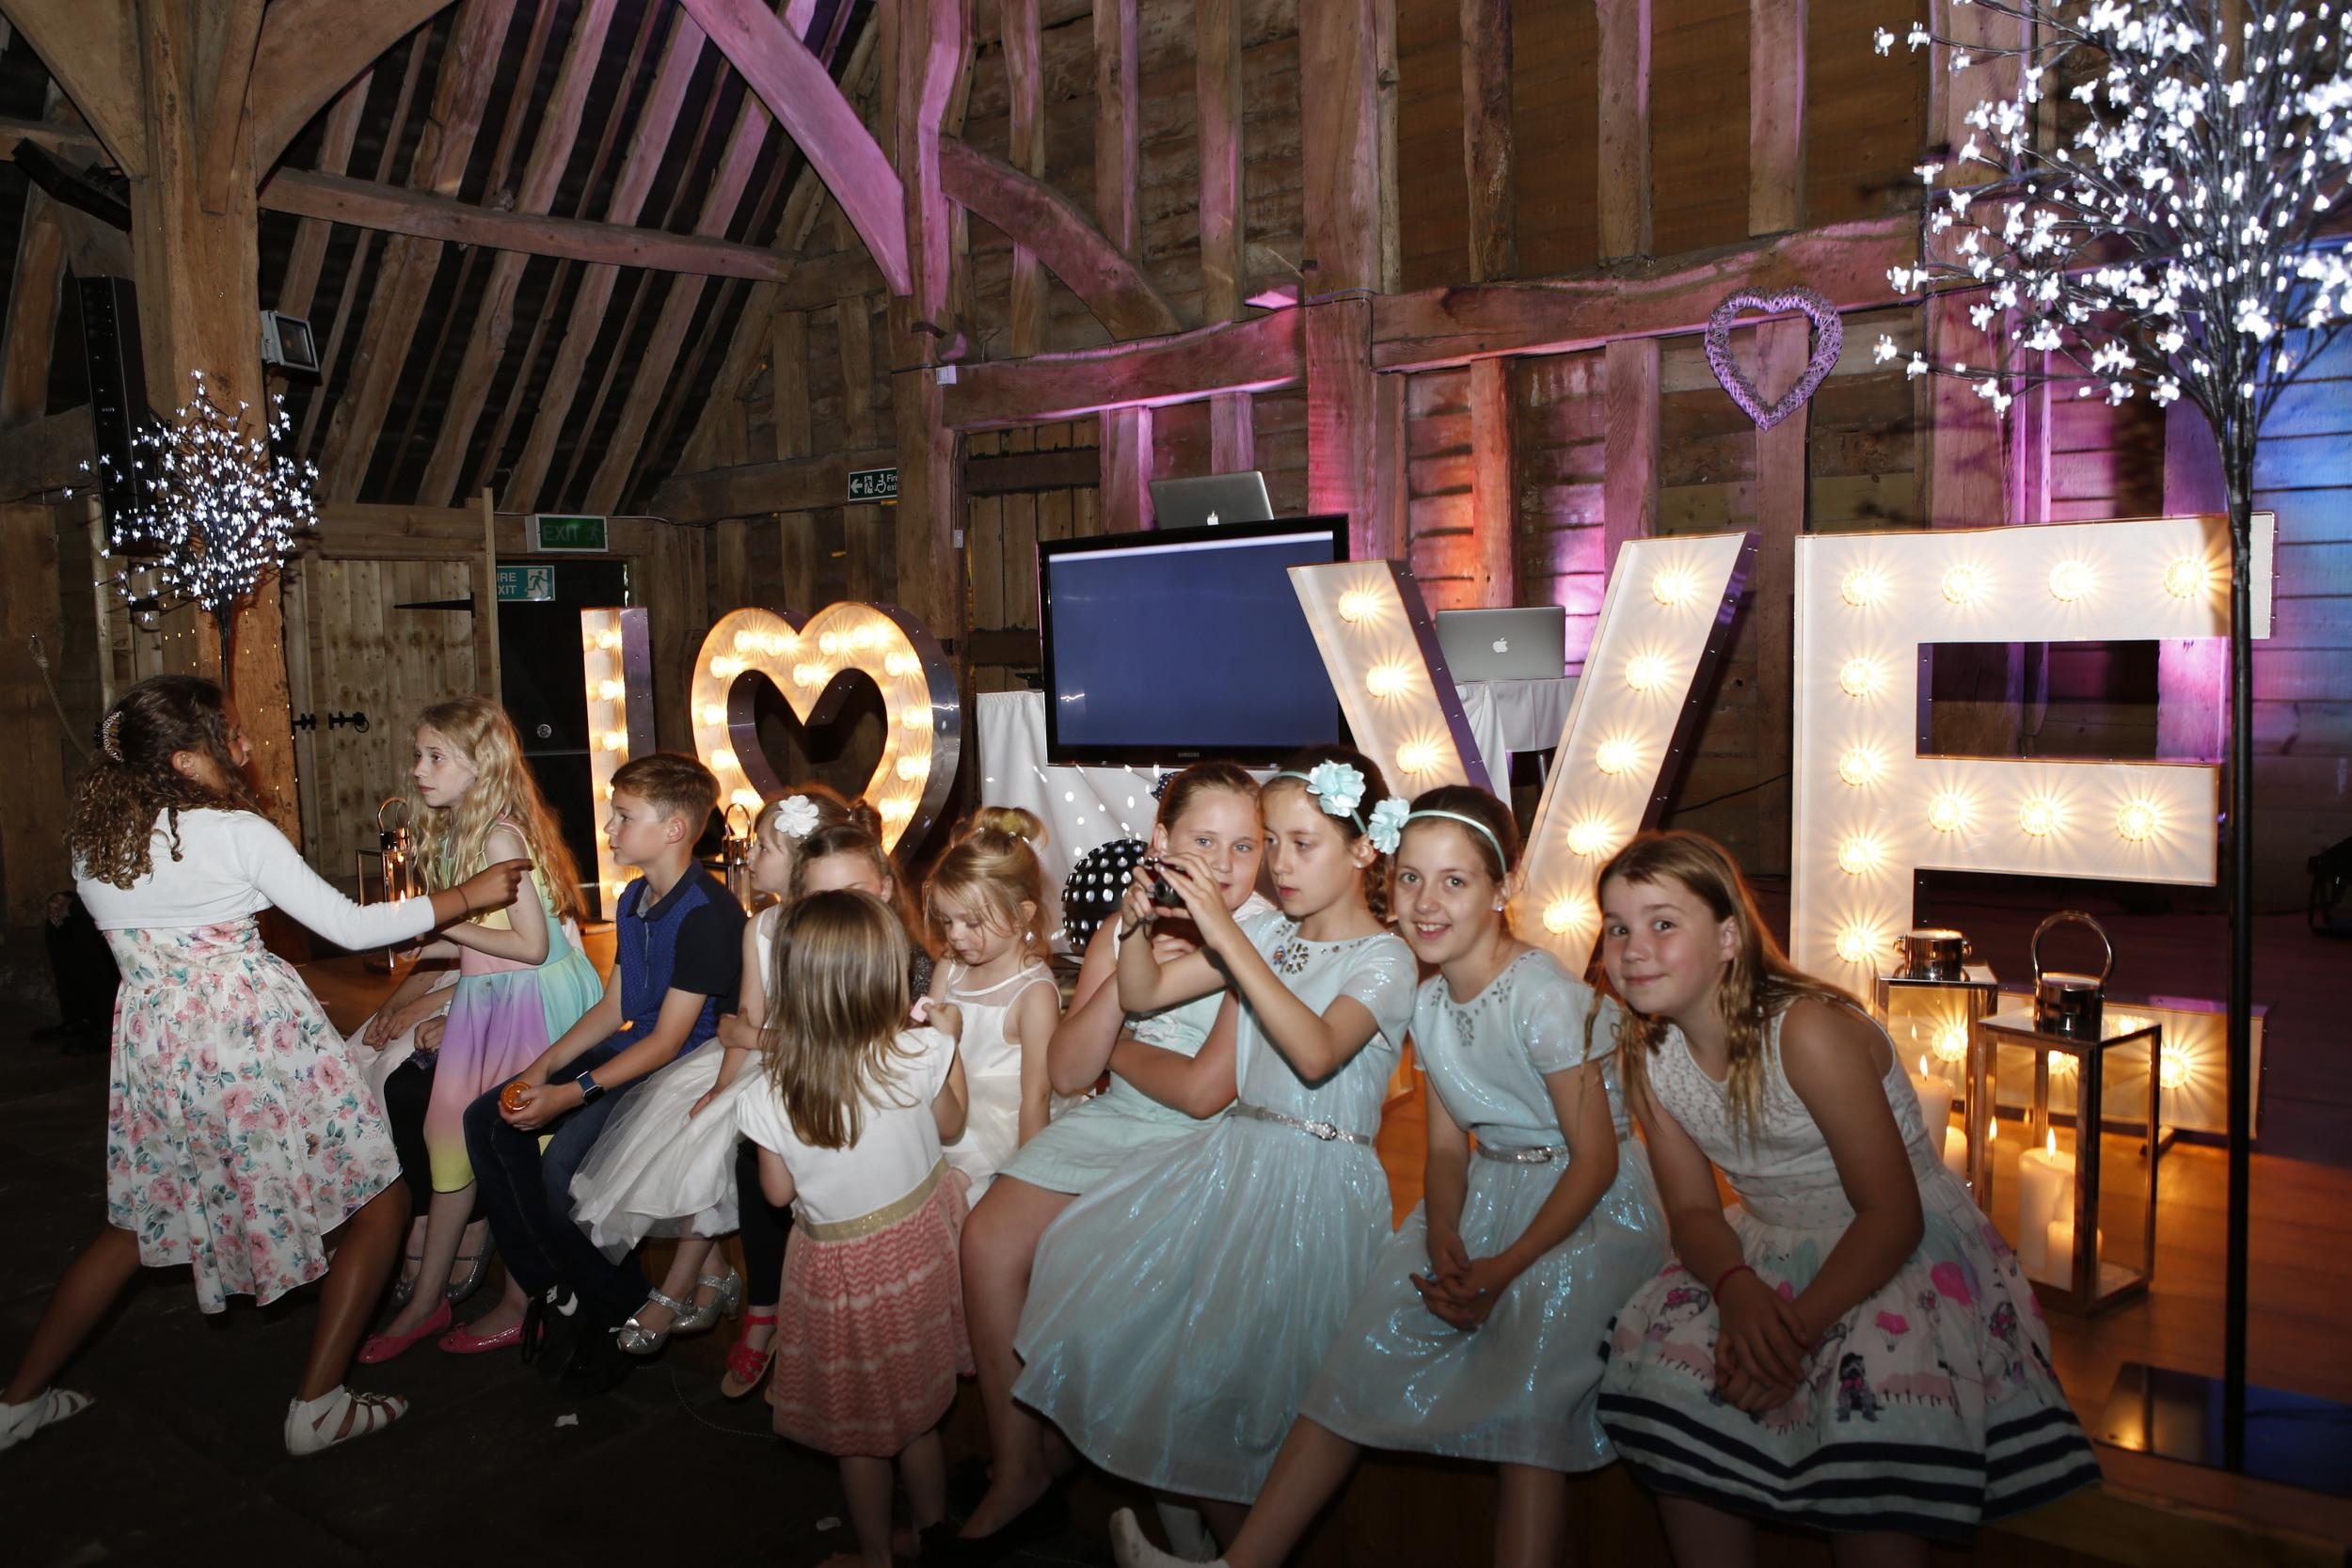 bluemark LOVE stage with children.JPG